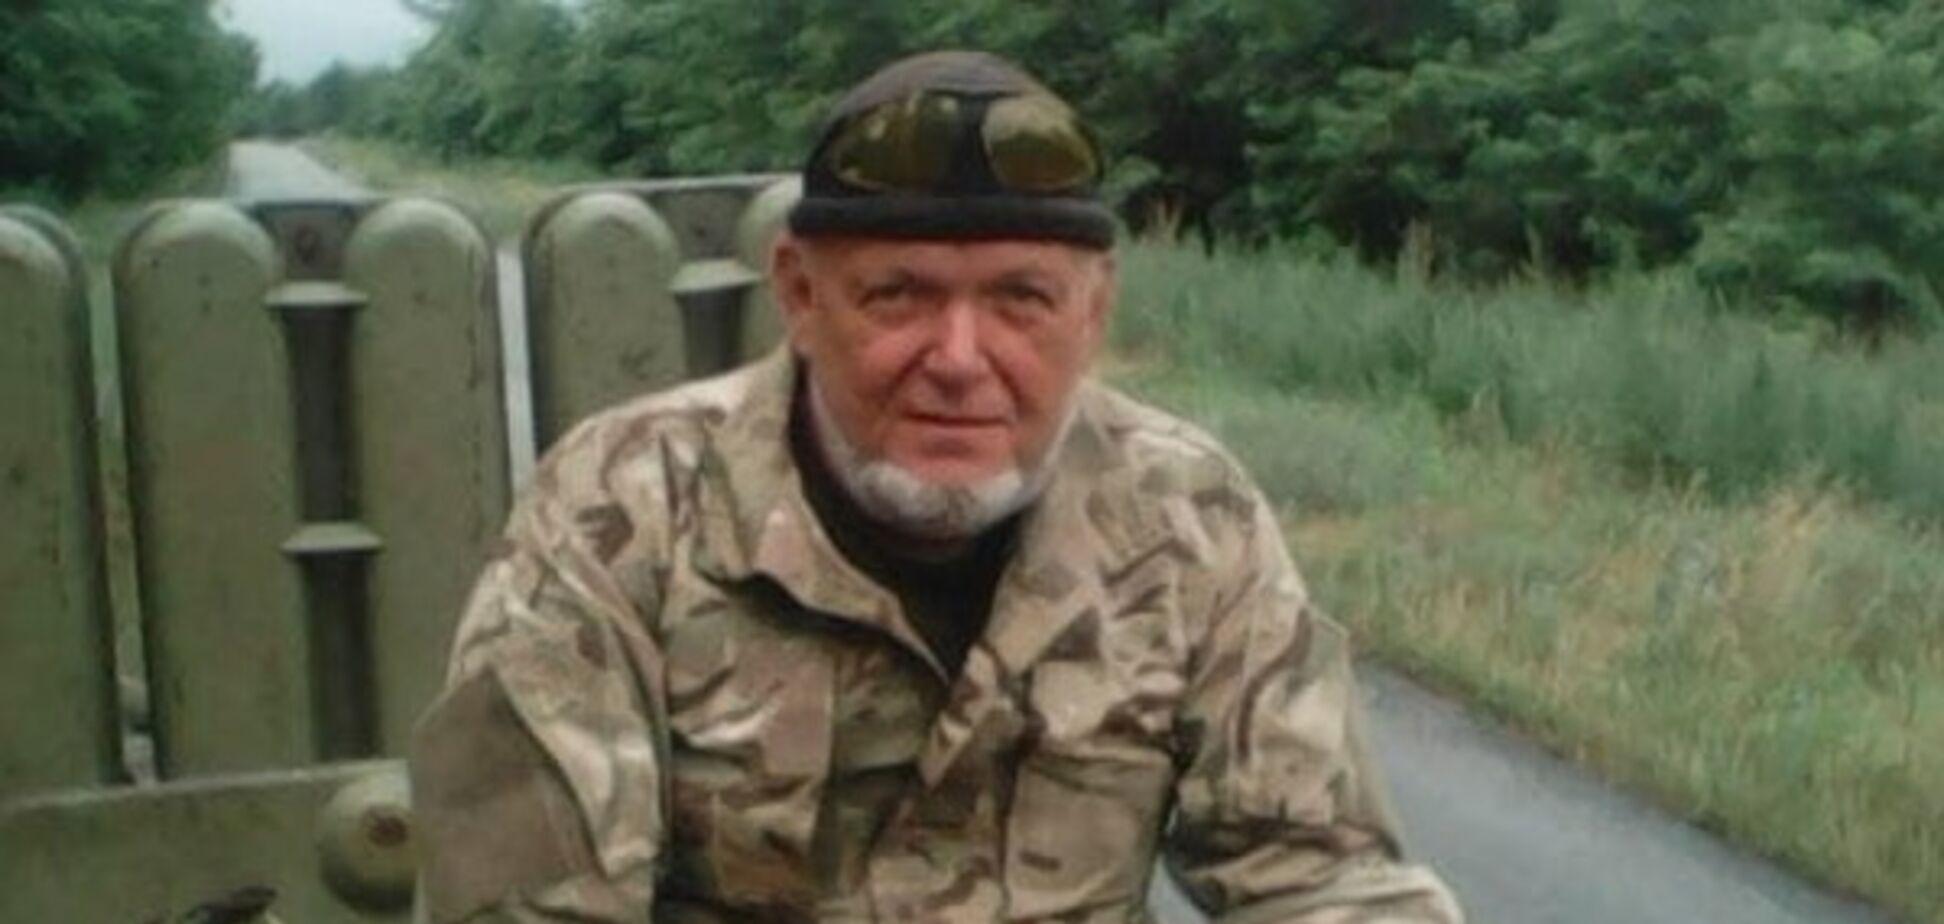 Звірячий напад на ветерана АТО в Києві: поліція спіймала підозрюваних